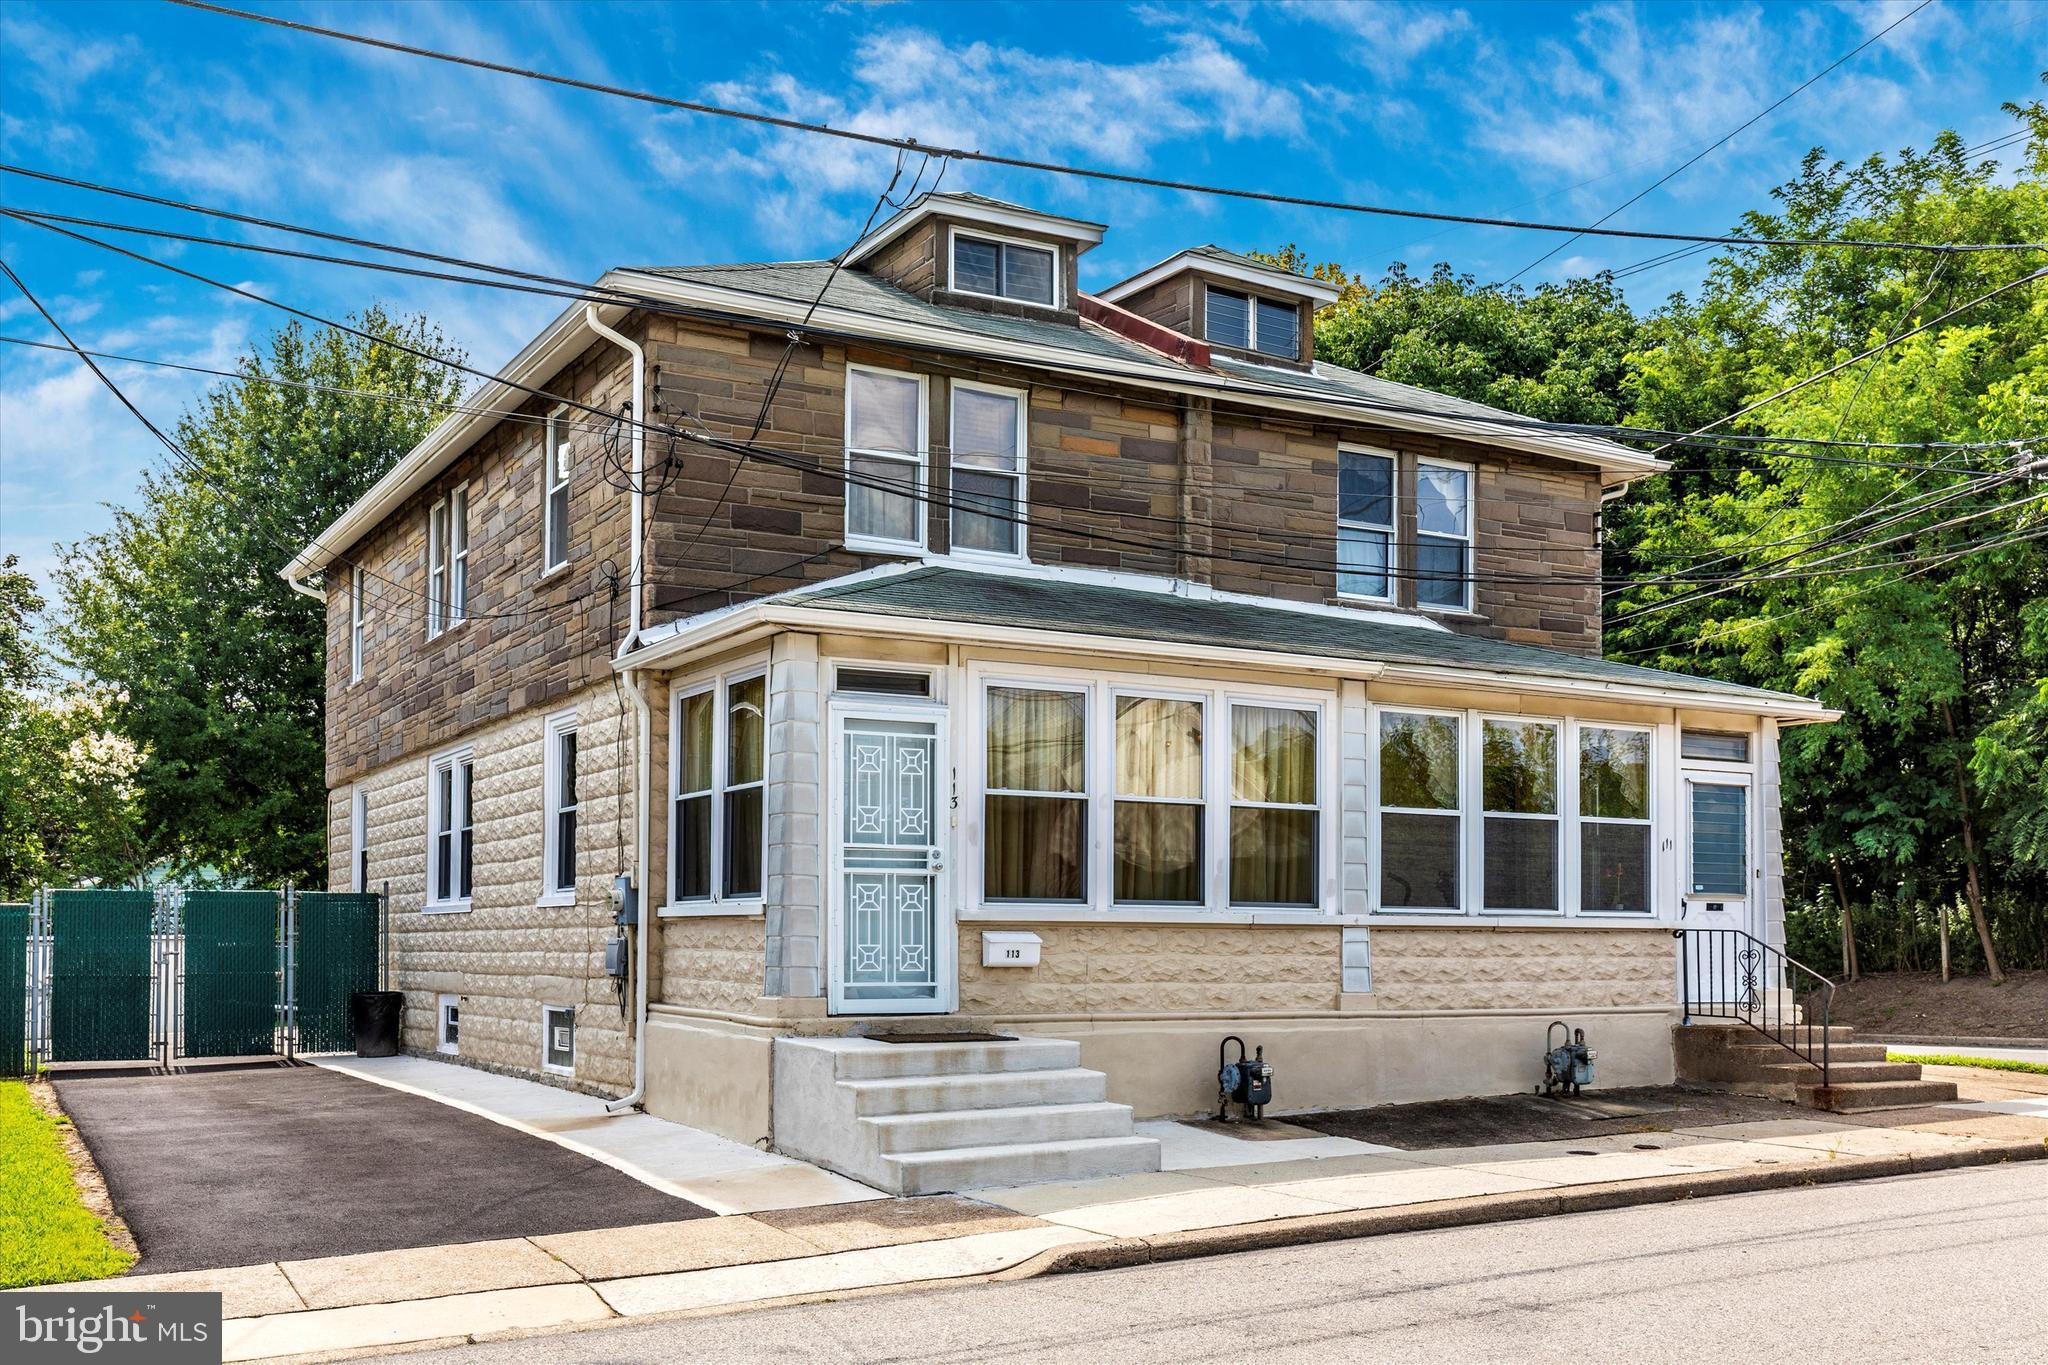 113 RANDALL STREET, CRUM LYNNE, PA 19022